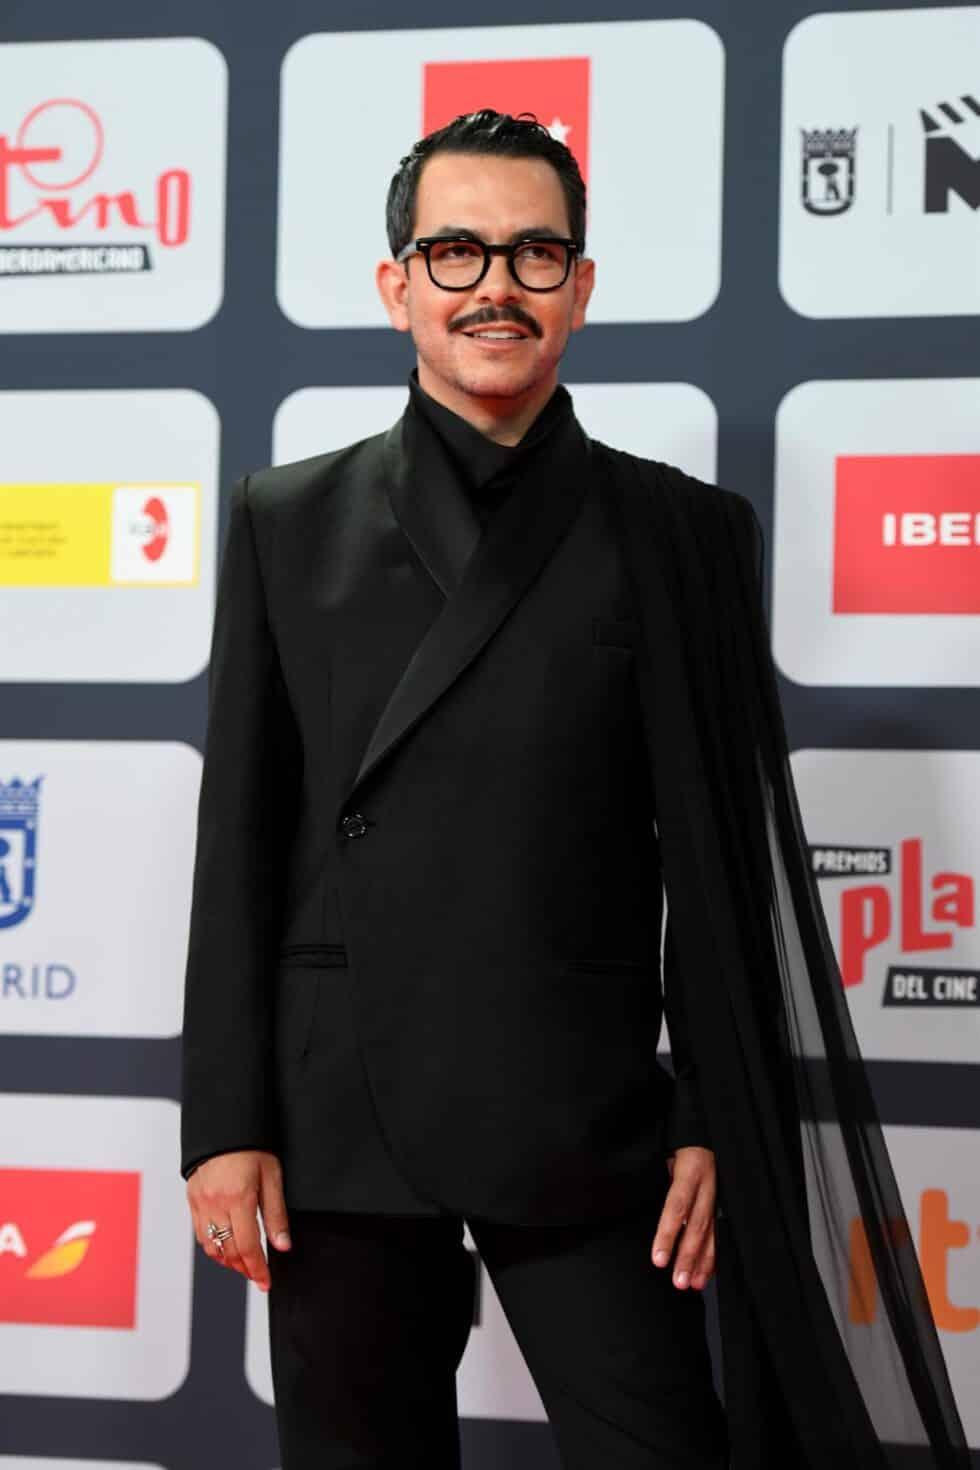 El actor y director Manolo Caro, a su llegada a la ceremonia de entrega de los Premios Platino del Cine y el Audiovisual Iberoamericano que se celebra este domingo en Madrid